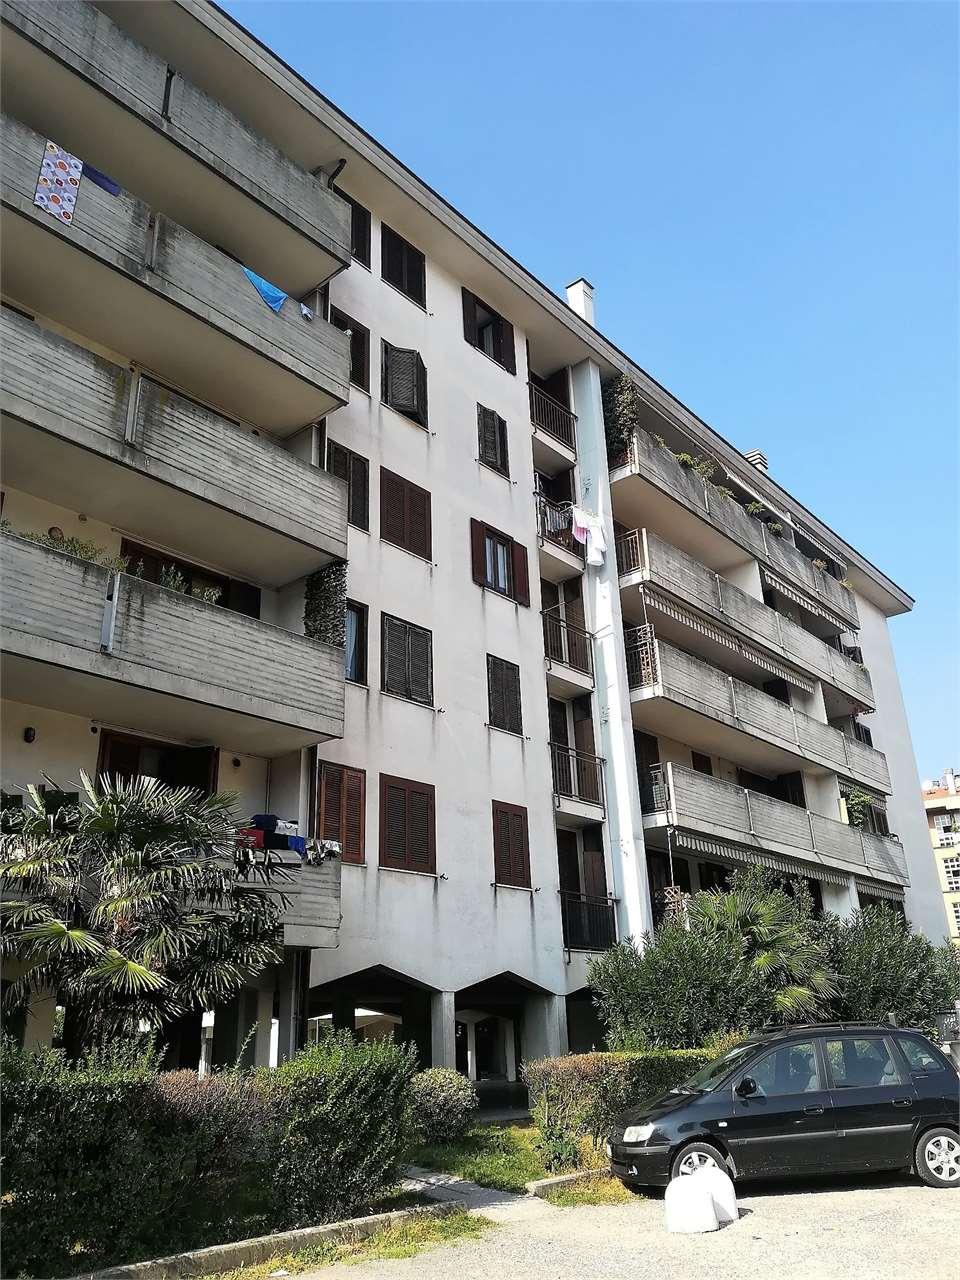 Appartamento in vendita a Olgiate Olona, 2 locali, zona Località: Buon Gesù, prezzo € 59.000 | CambioCasa.it